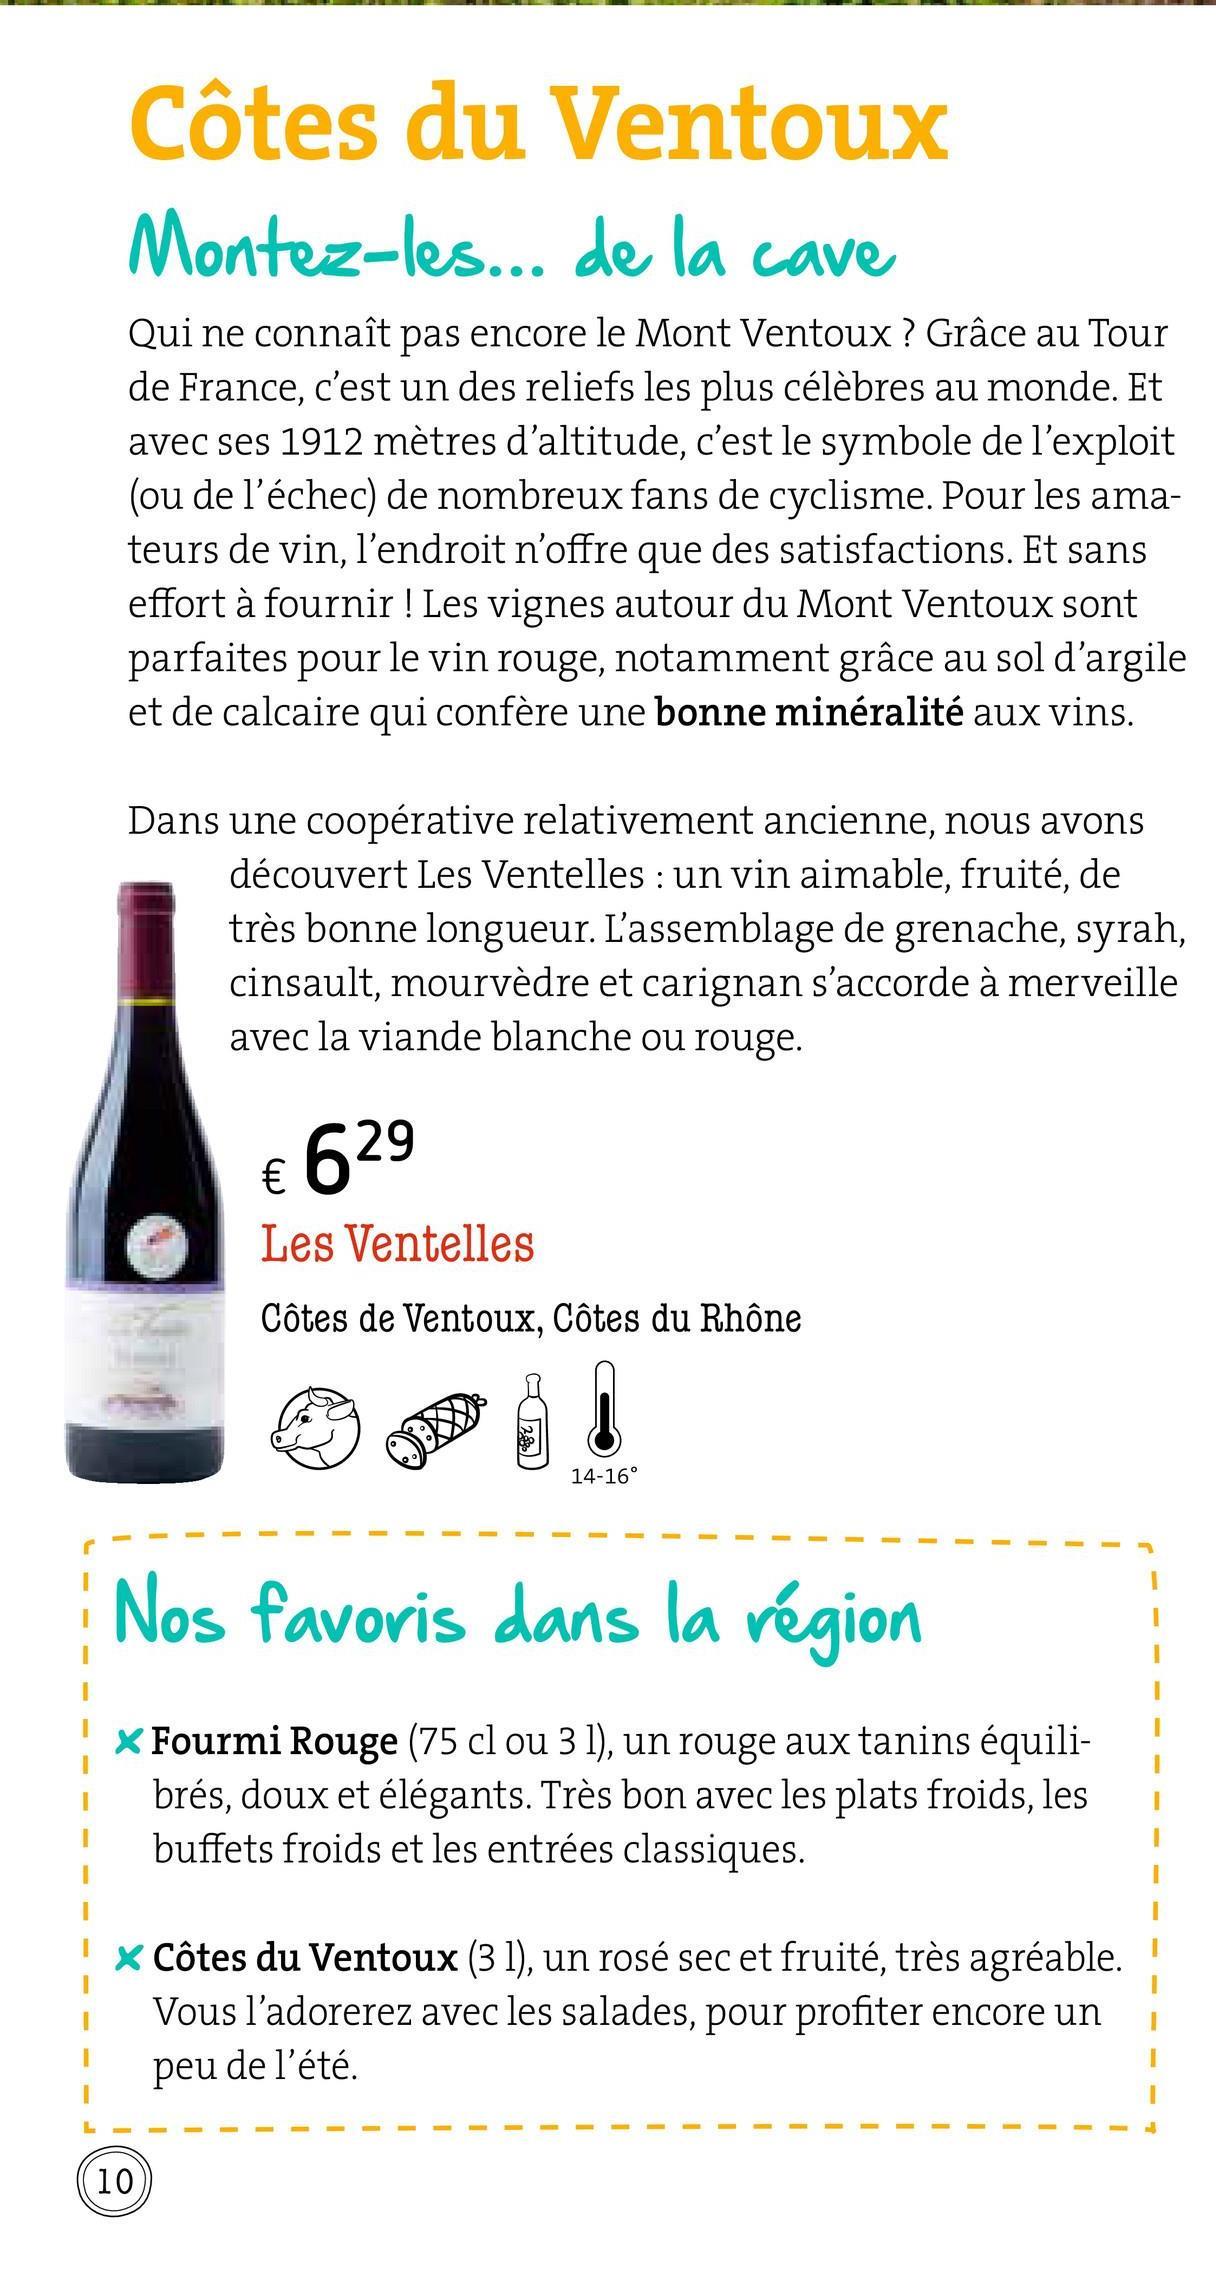 Côtes du Ventoux Montez-les... de la cave Qui ne connaît pas encore le Mont Ventoux ? Grâce au Tour de France, c'est un des reliefs les plus célèbres au monde. Et avec ses 1912 mètres d'altitude, c'est le symbole de l'exploit (ou de l'échec) de nombreux fans de cyclisme. Pour les ama- teurs de vin, l'endroit n'offre que des satisfactions. Et sans effort à fournir ! Les vignes autour du Mont Ventoux sont parfaites pour le vin rouge, notamment grâce au sol d'argile et de calcaire qui confère une bonne minéralité aux vins. Dans une coopérative relativement ancienne, nous avons découvert Les Ventelles : un vin aimable, fruité, de très bonne longueur. L'assemblage de grenache, syrah, cinsault, mourvèdre et carignan s'accorde à merveille avec la viande blanche ou rouge. € 629 Les Ventelles Côtes de Ventoux, Côtes du Rhône 301 14-16° Nos favoris dans la région - - - - * Fourmi Rouge (75 cl ou 3 1), un rouge aux tanins équili- brés, doux et élégants. Très bon avec les plats froids, les buffets froids et les entrées classiques. - - - ! x Côtes du Ventoux (31), un rosé sec et fruité, très agréable. Vous l'adorerez avec les salades, pour profiter encore un peu de l'été. i - - - - - - - - - - - - - - -